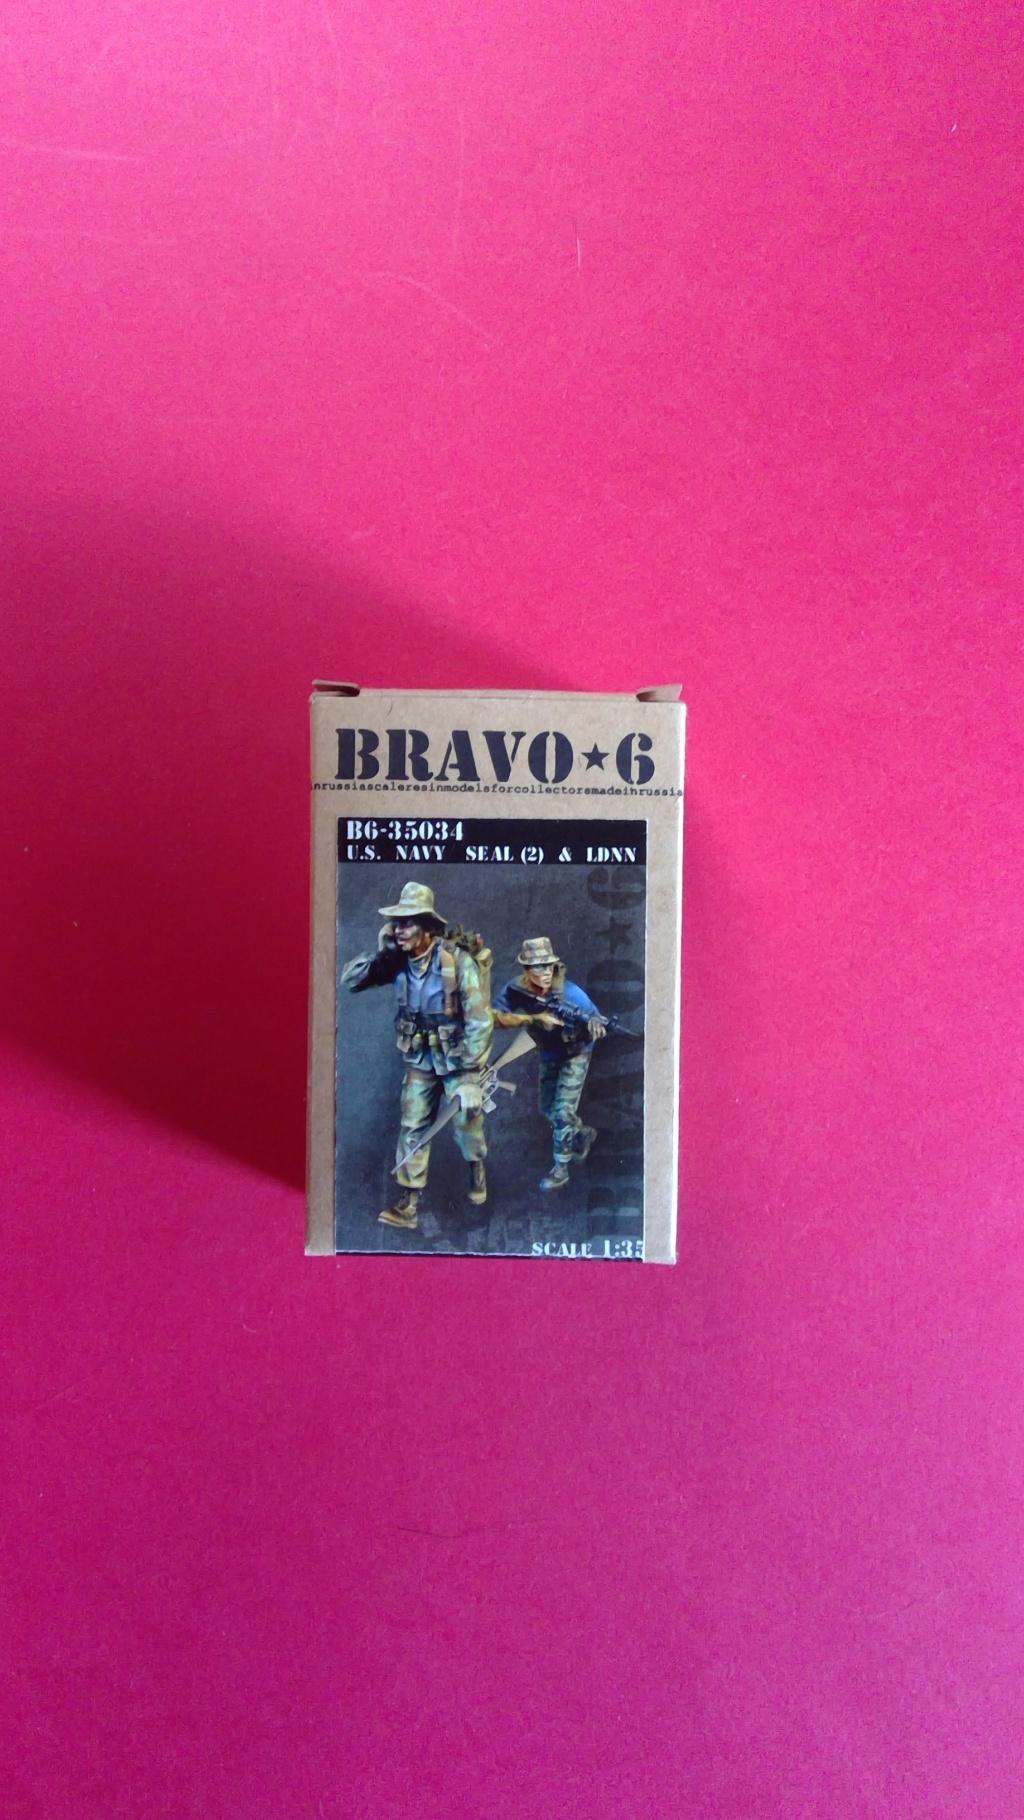 [BRAVO 6] US NAVY SEALS VIETNAM 1/35ème Réf B6 35034 Bravo_16